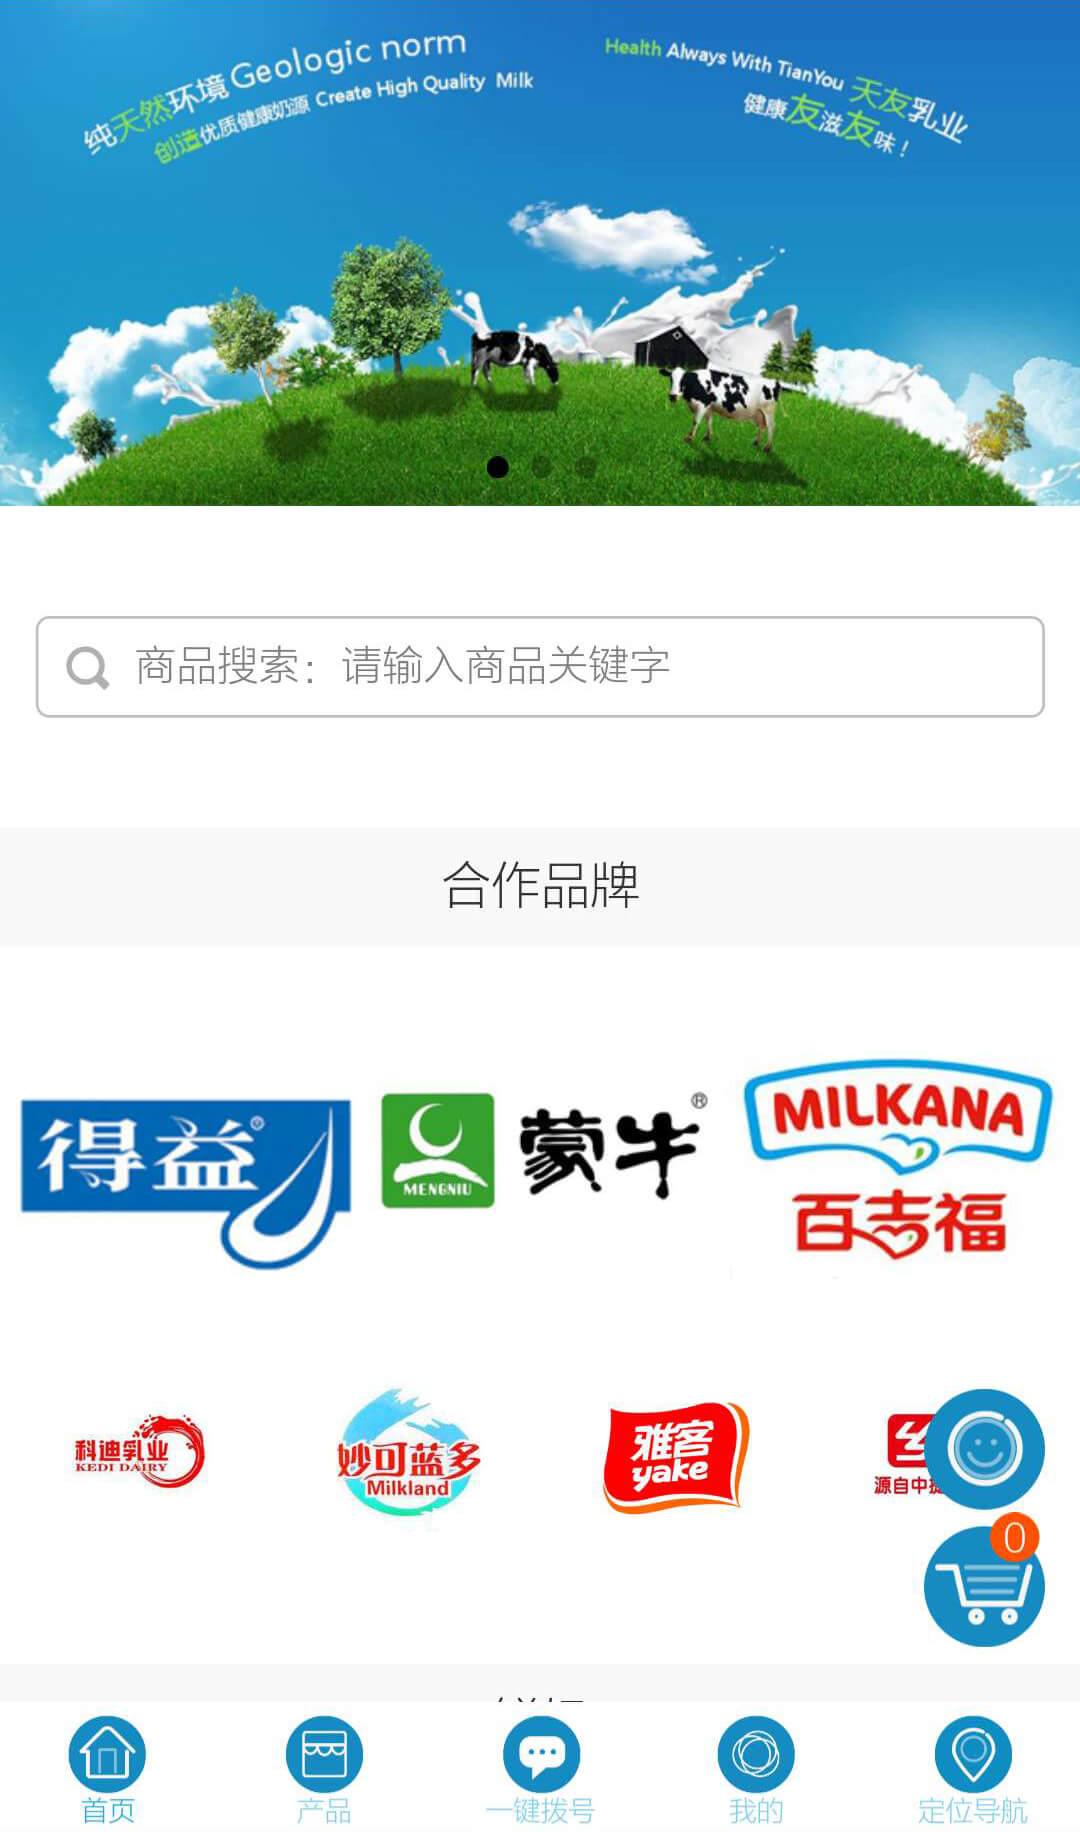 微信订牛奶小程序